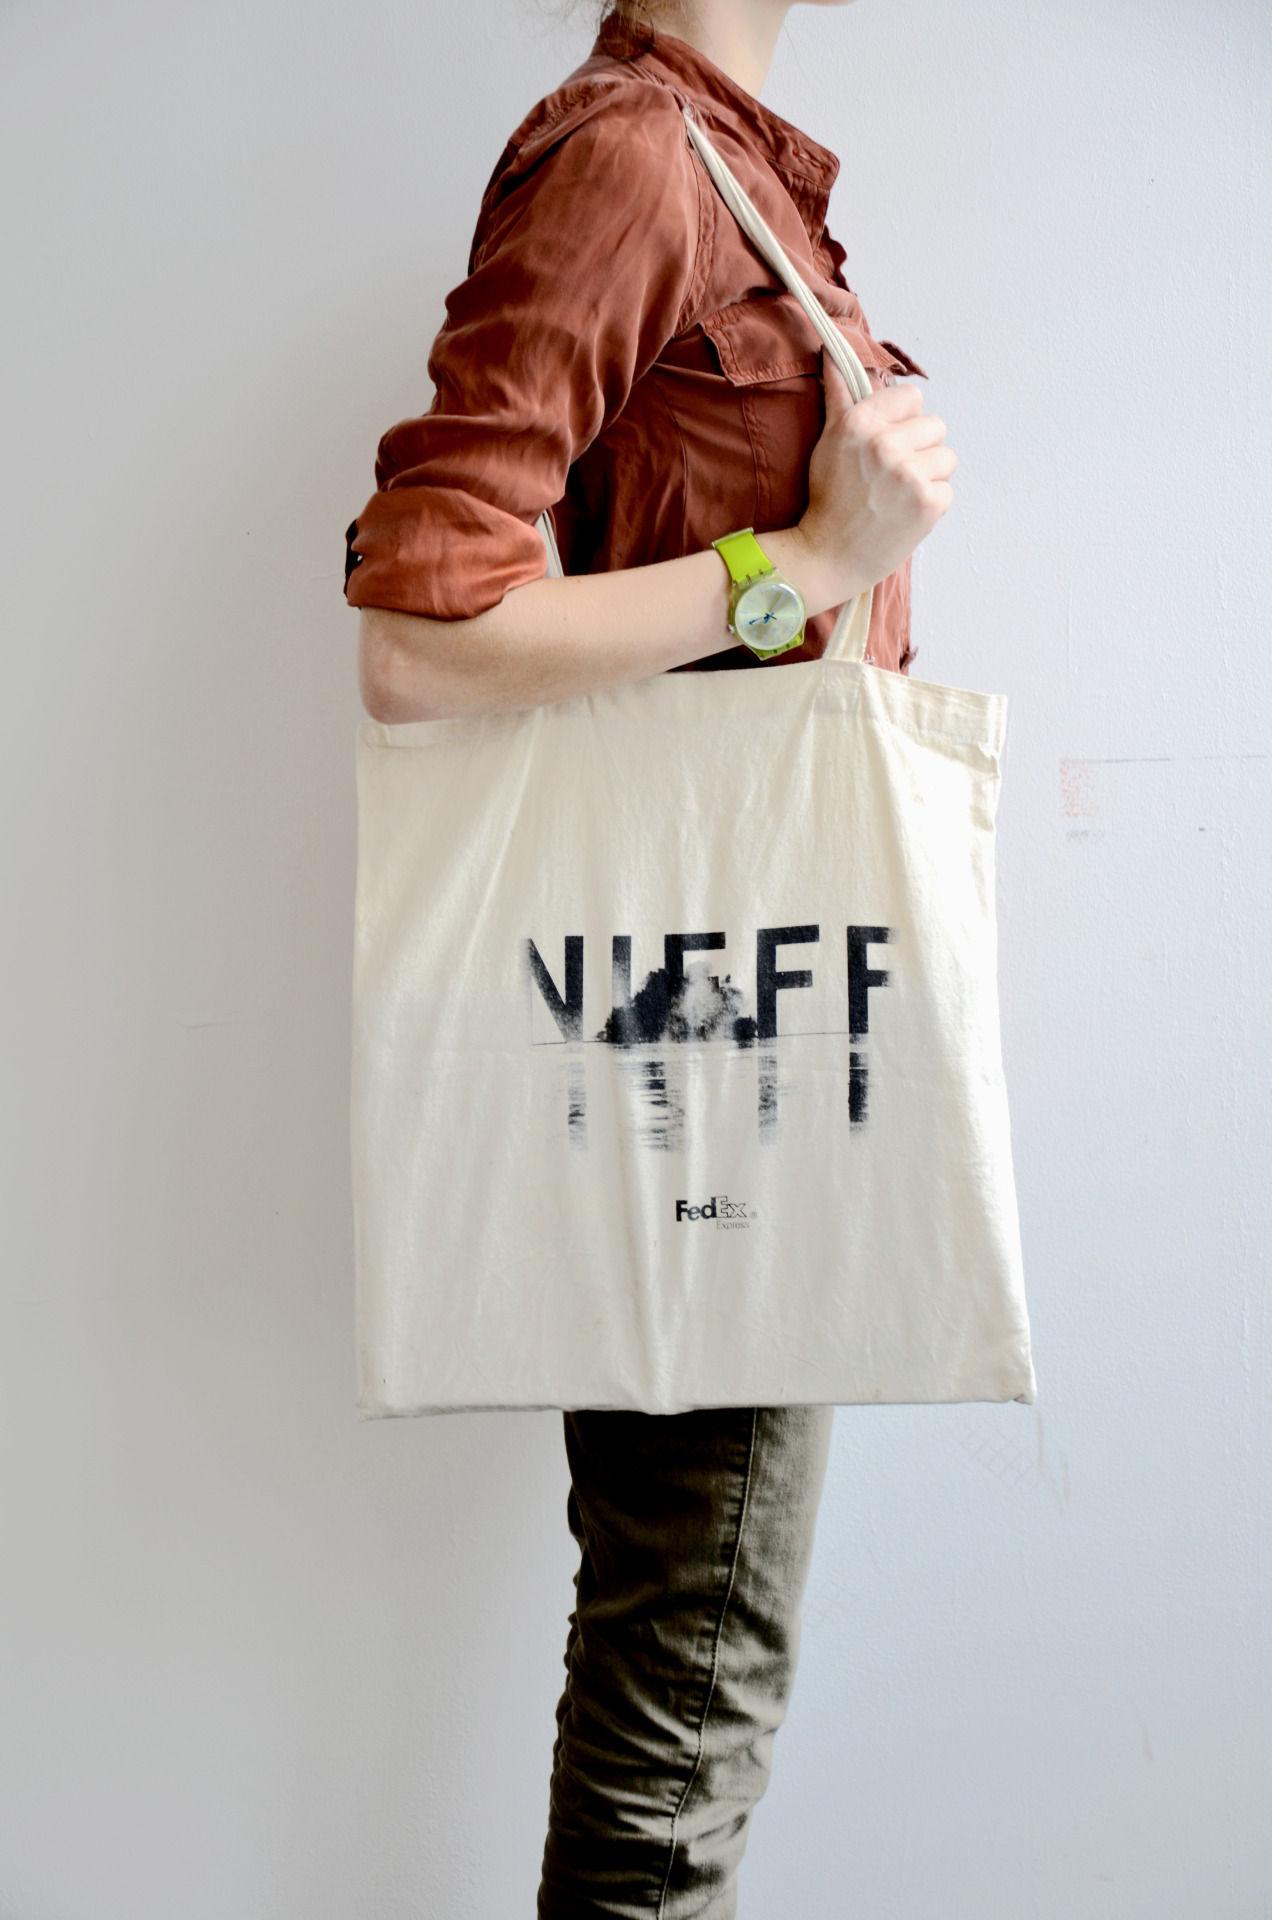 NIFFF_S_00.jpg